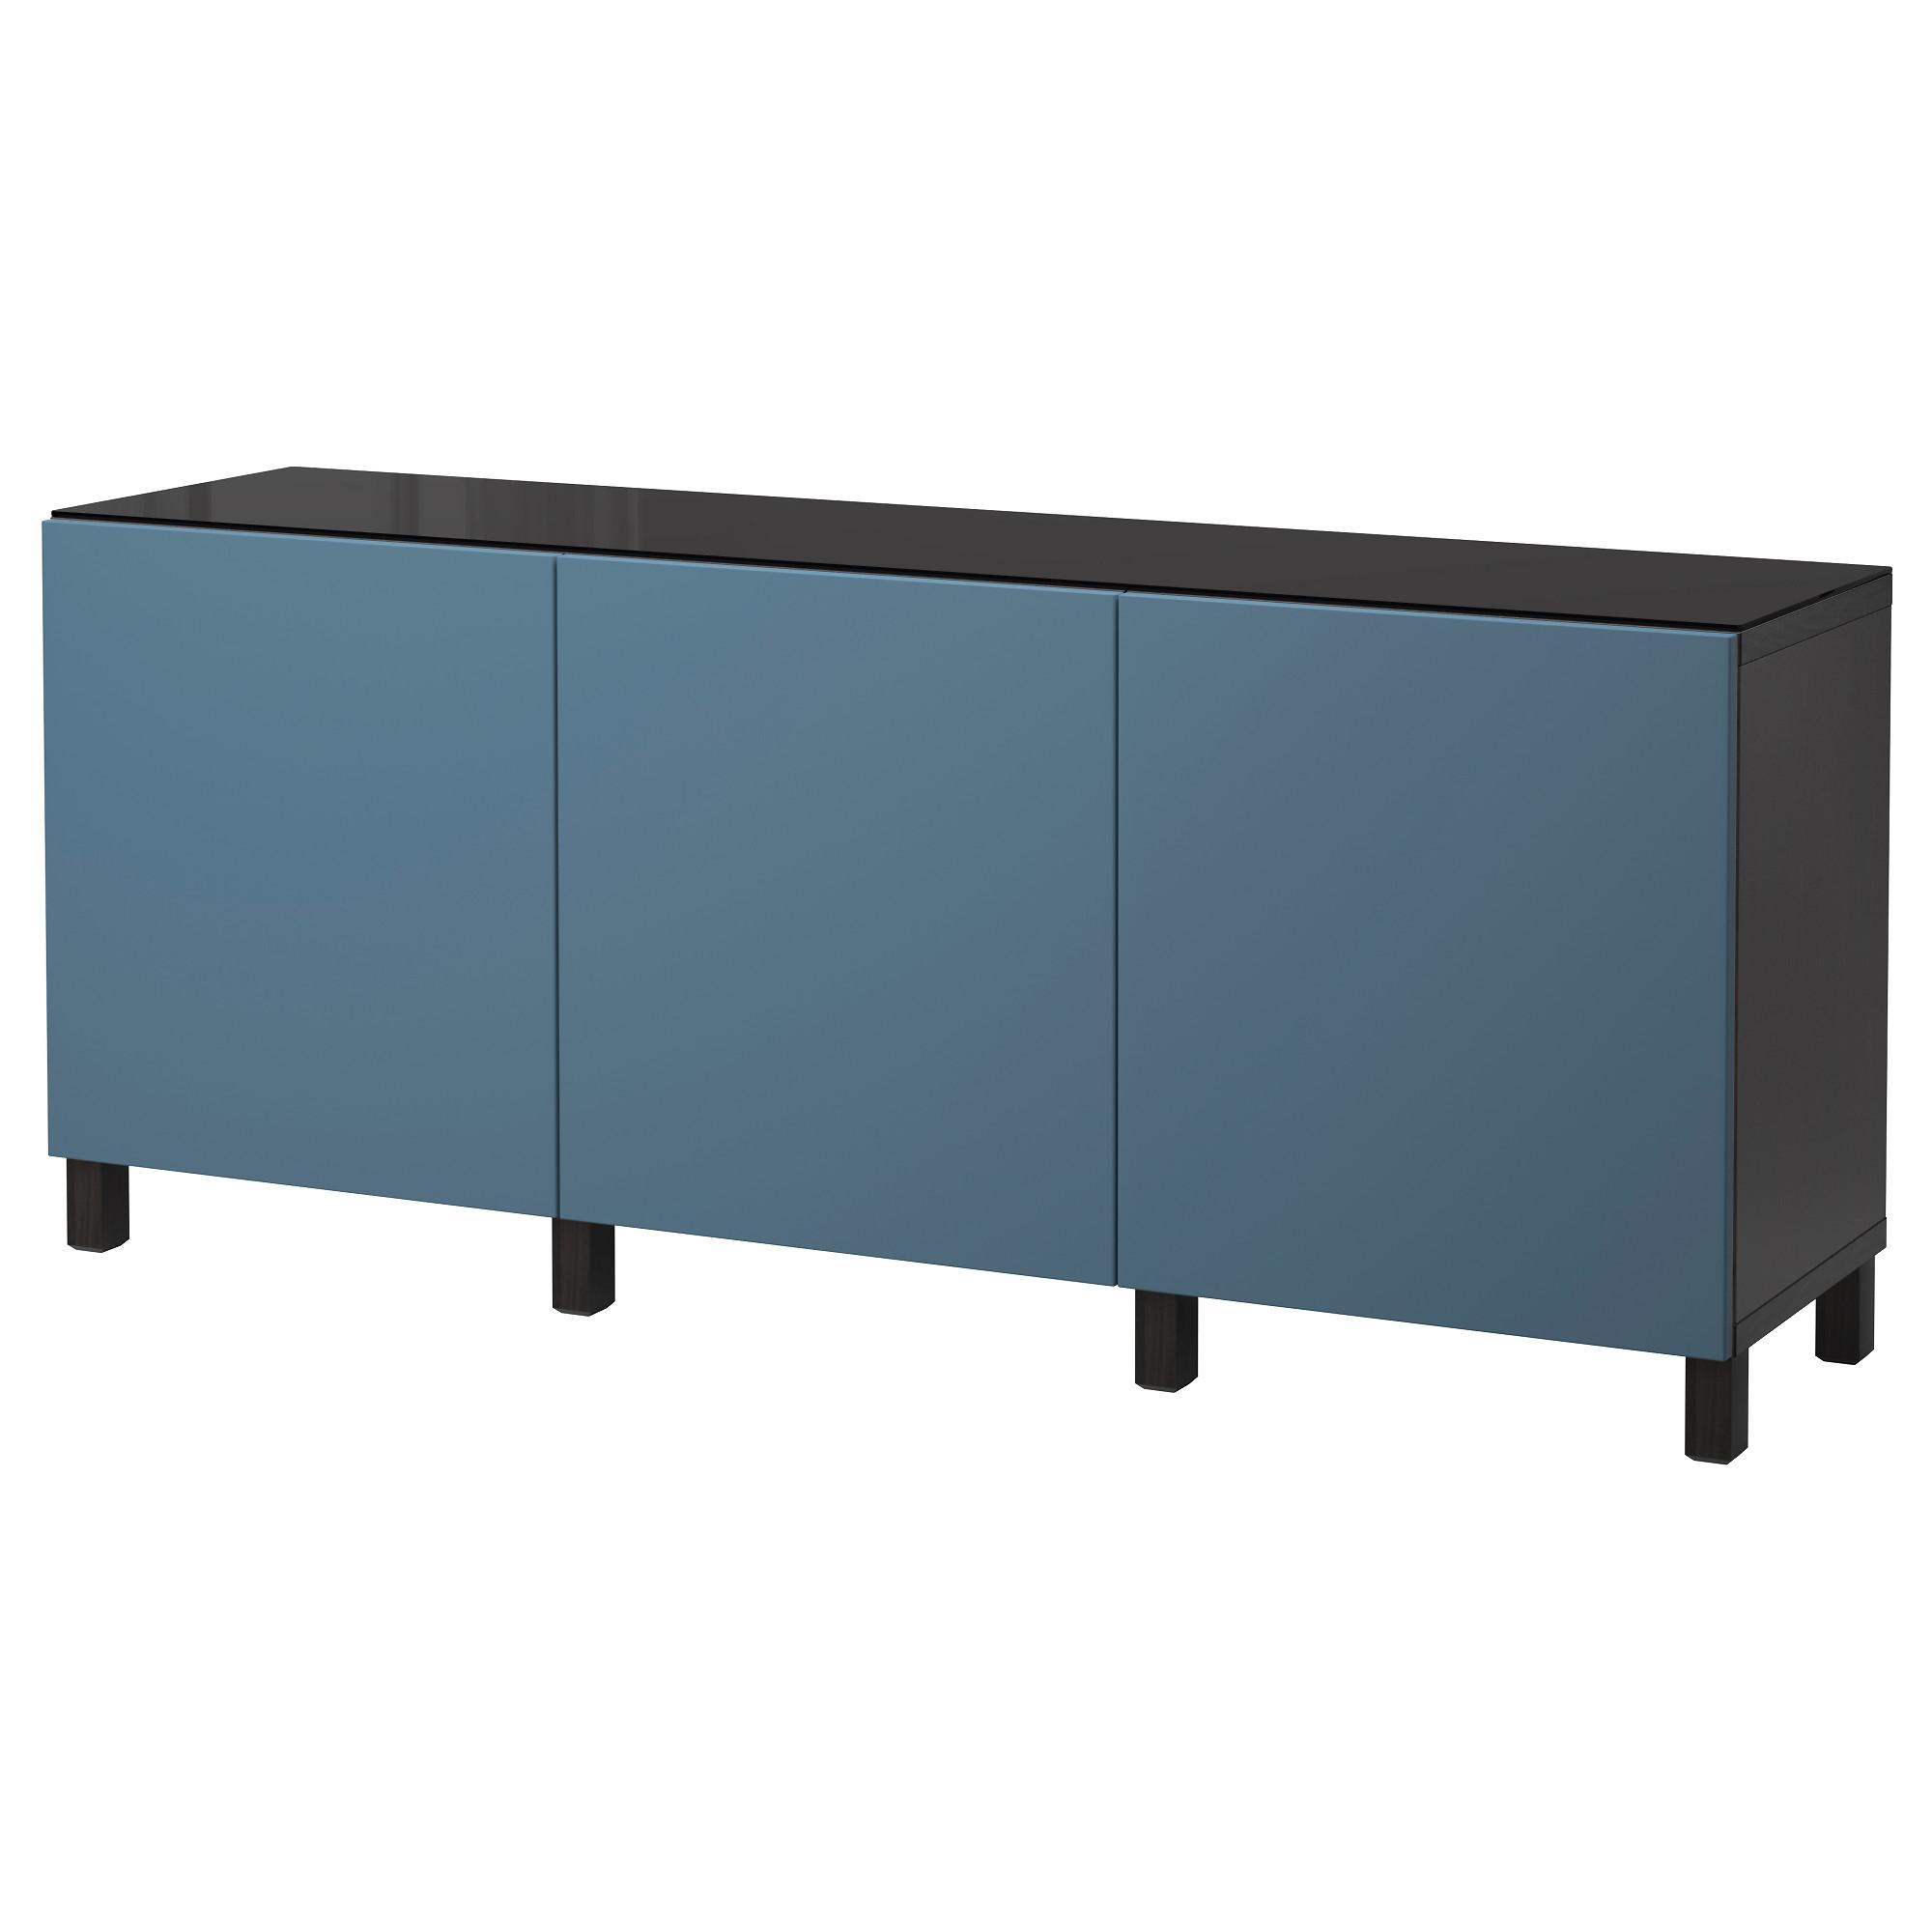 Комбинация для хранения с дверцами БЕСТО темно-синий артикуль № 892.451.60 в наличии. Интернет сайт IKEA РБ. Недорогая доставка и соборка.